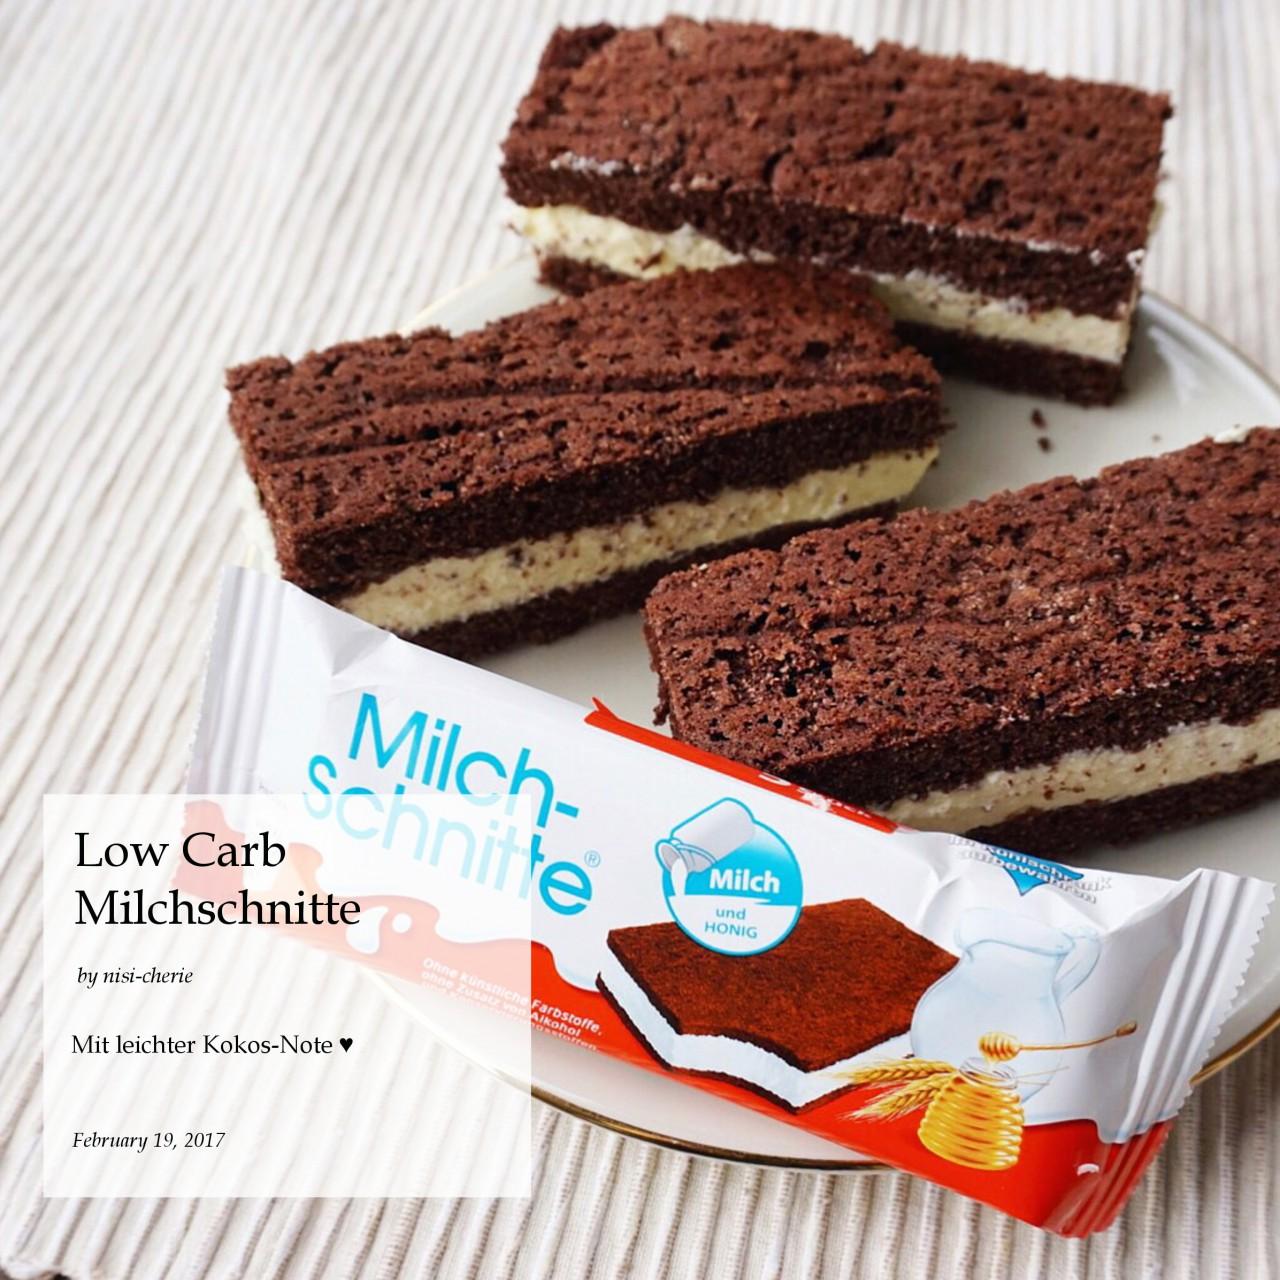 Nisi Cherie Com Snacks Kuchen Co